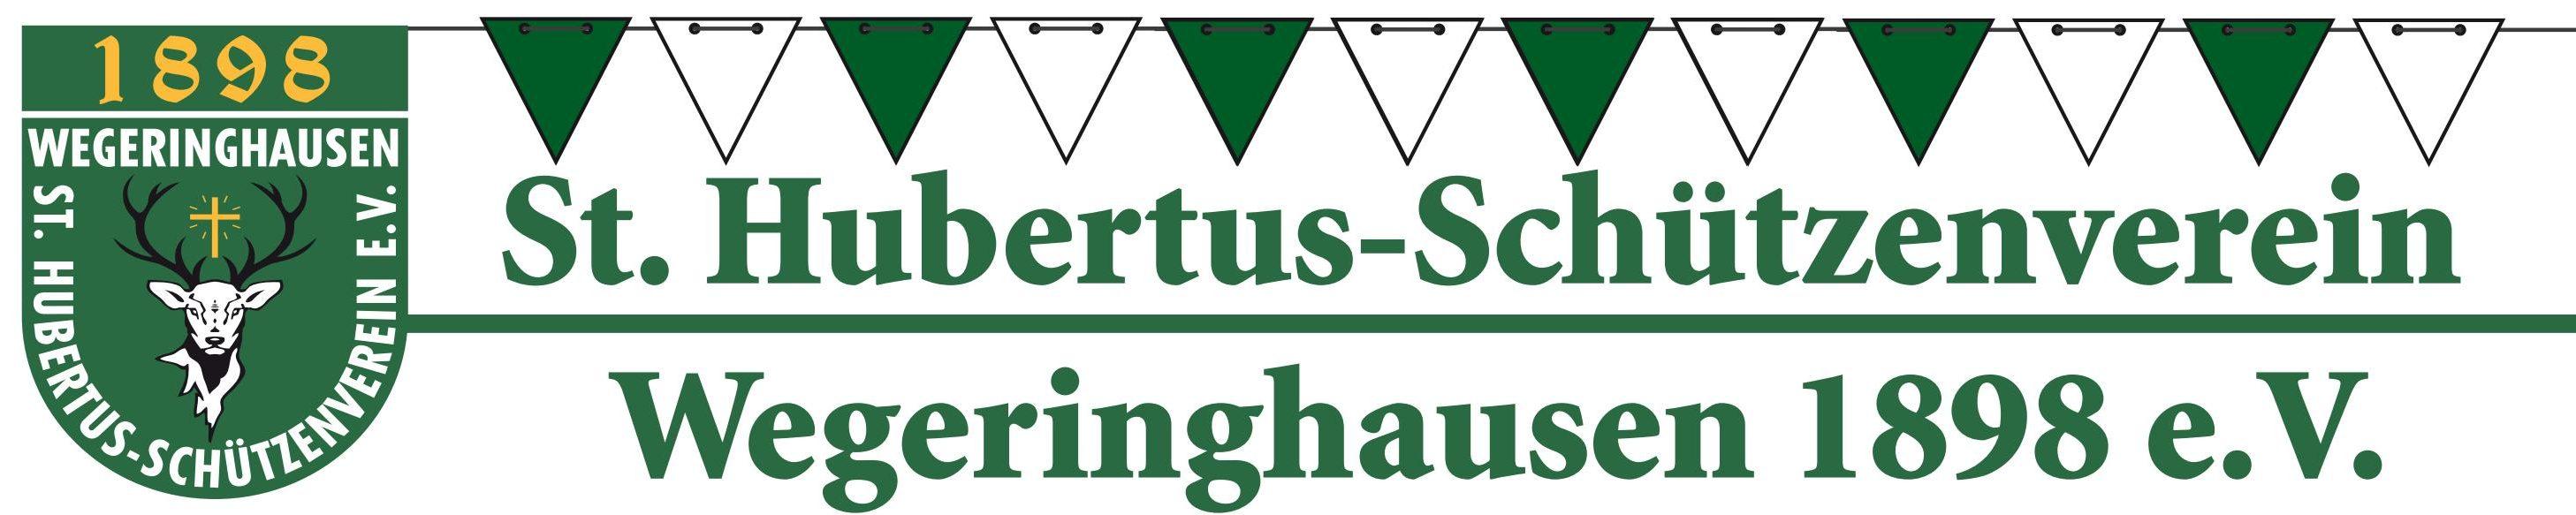 Schuetzenverein Wegeringhausen